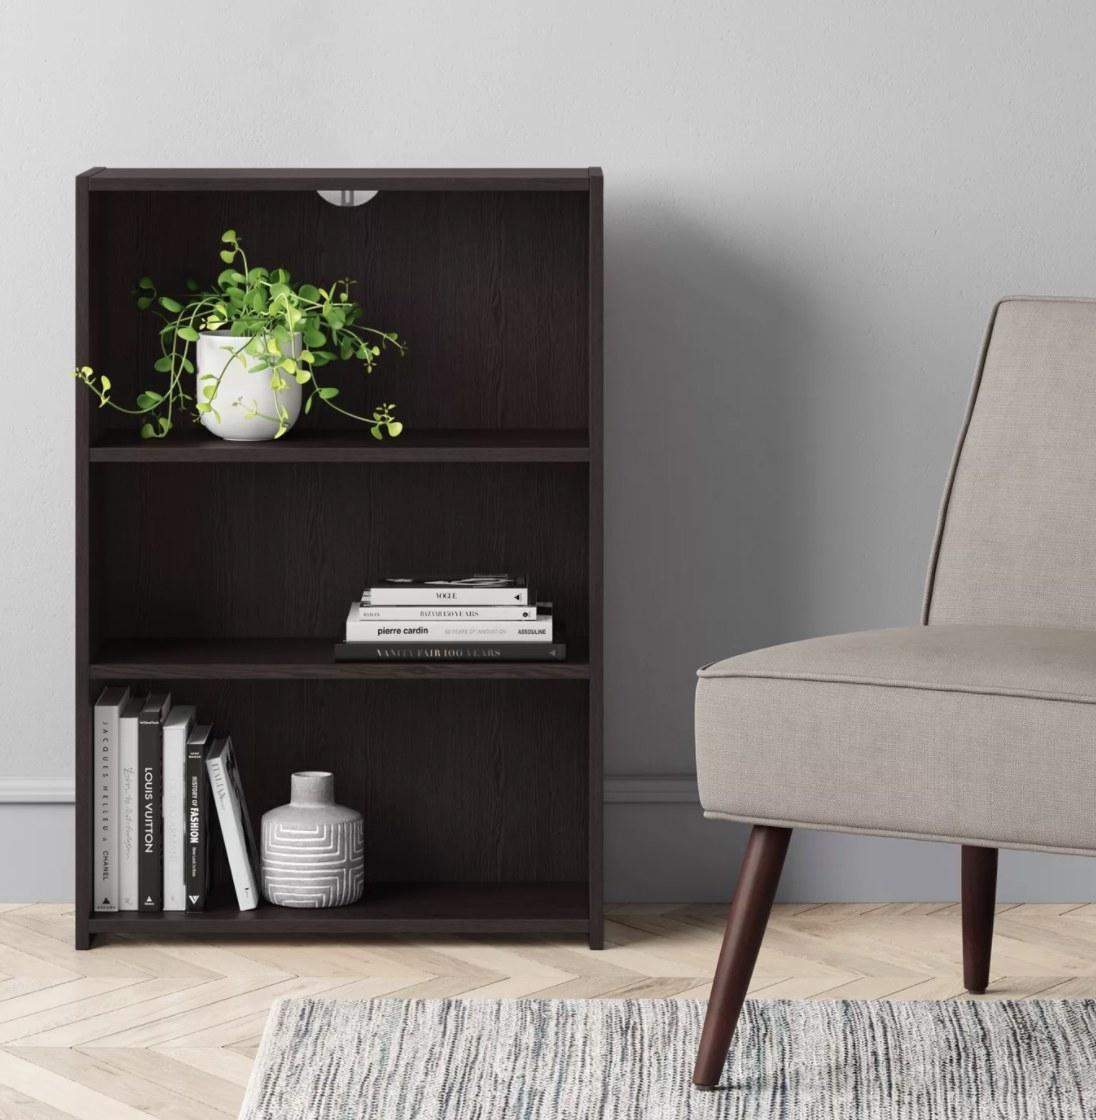 the bookcase in espresso brown